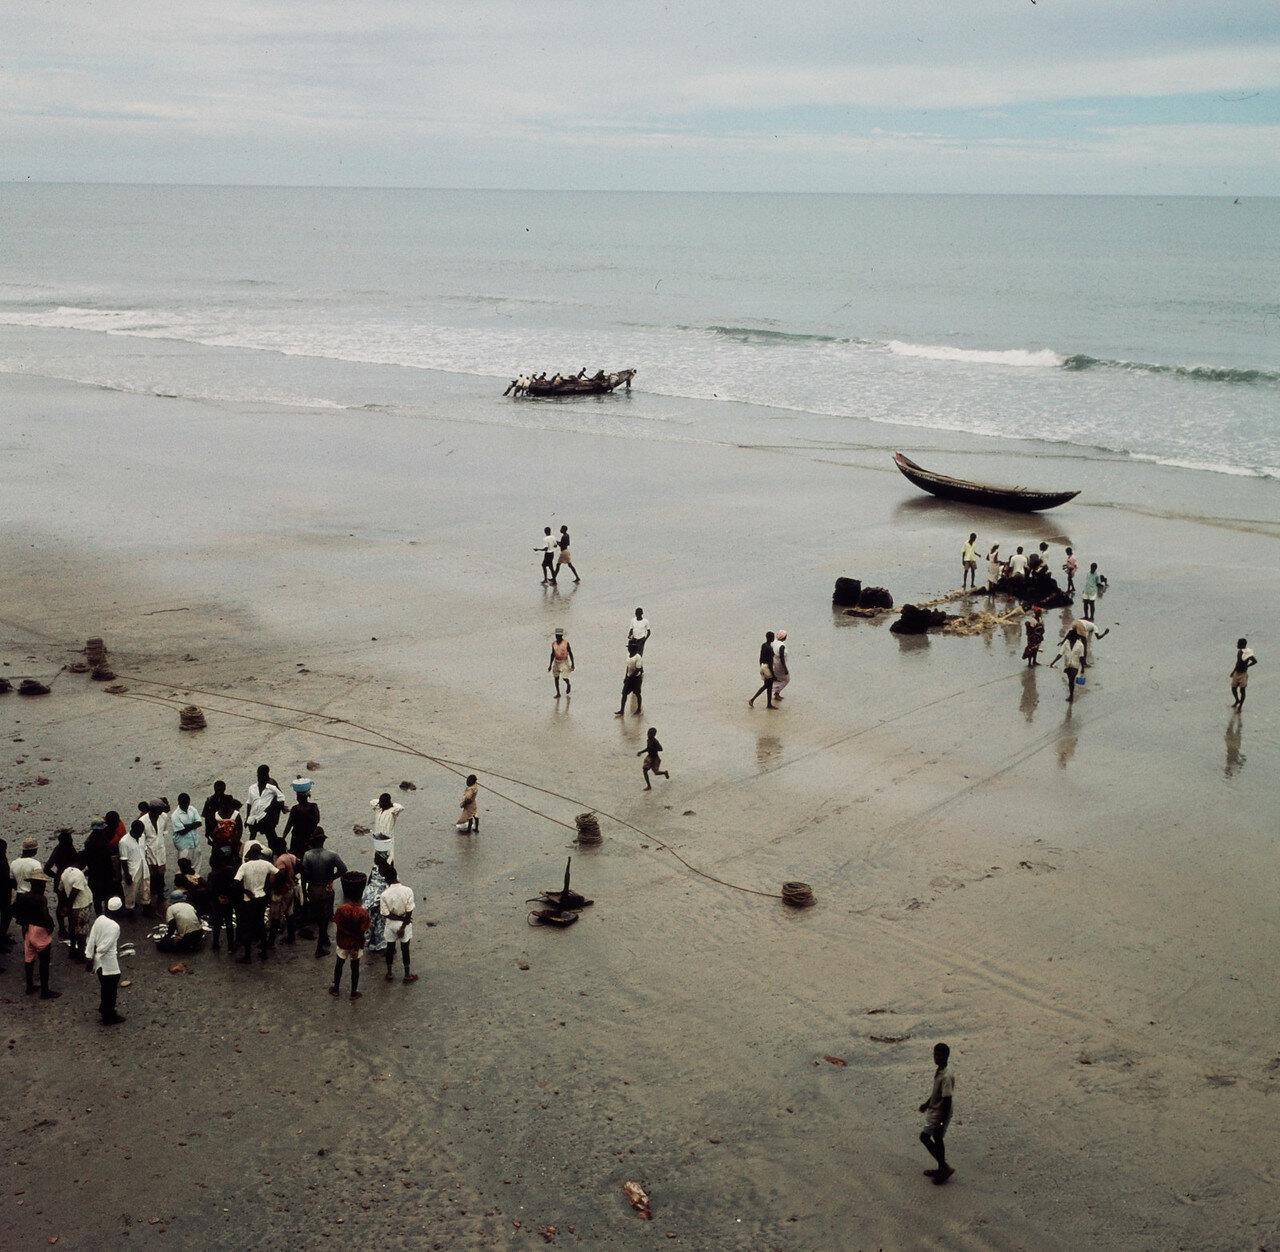 Рыбаки с сетью на берегу. 28 марта